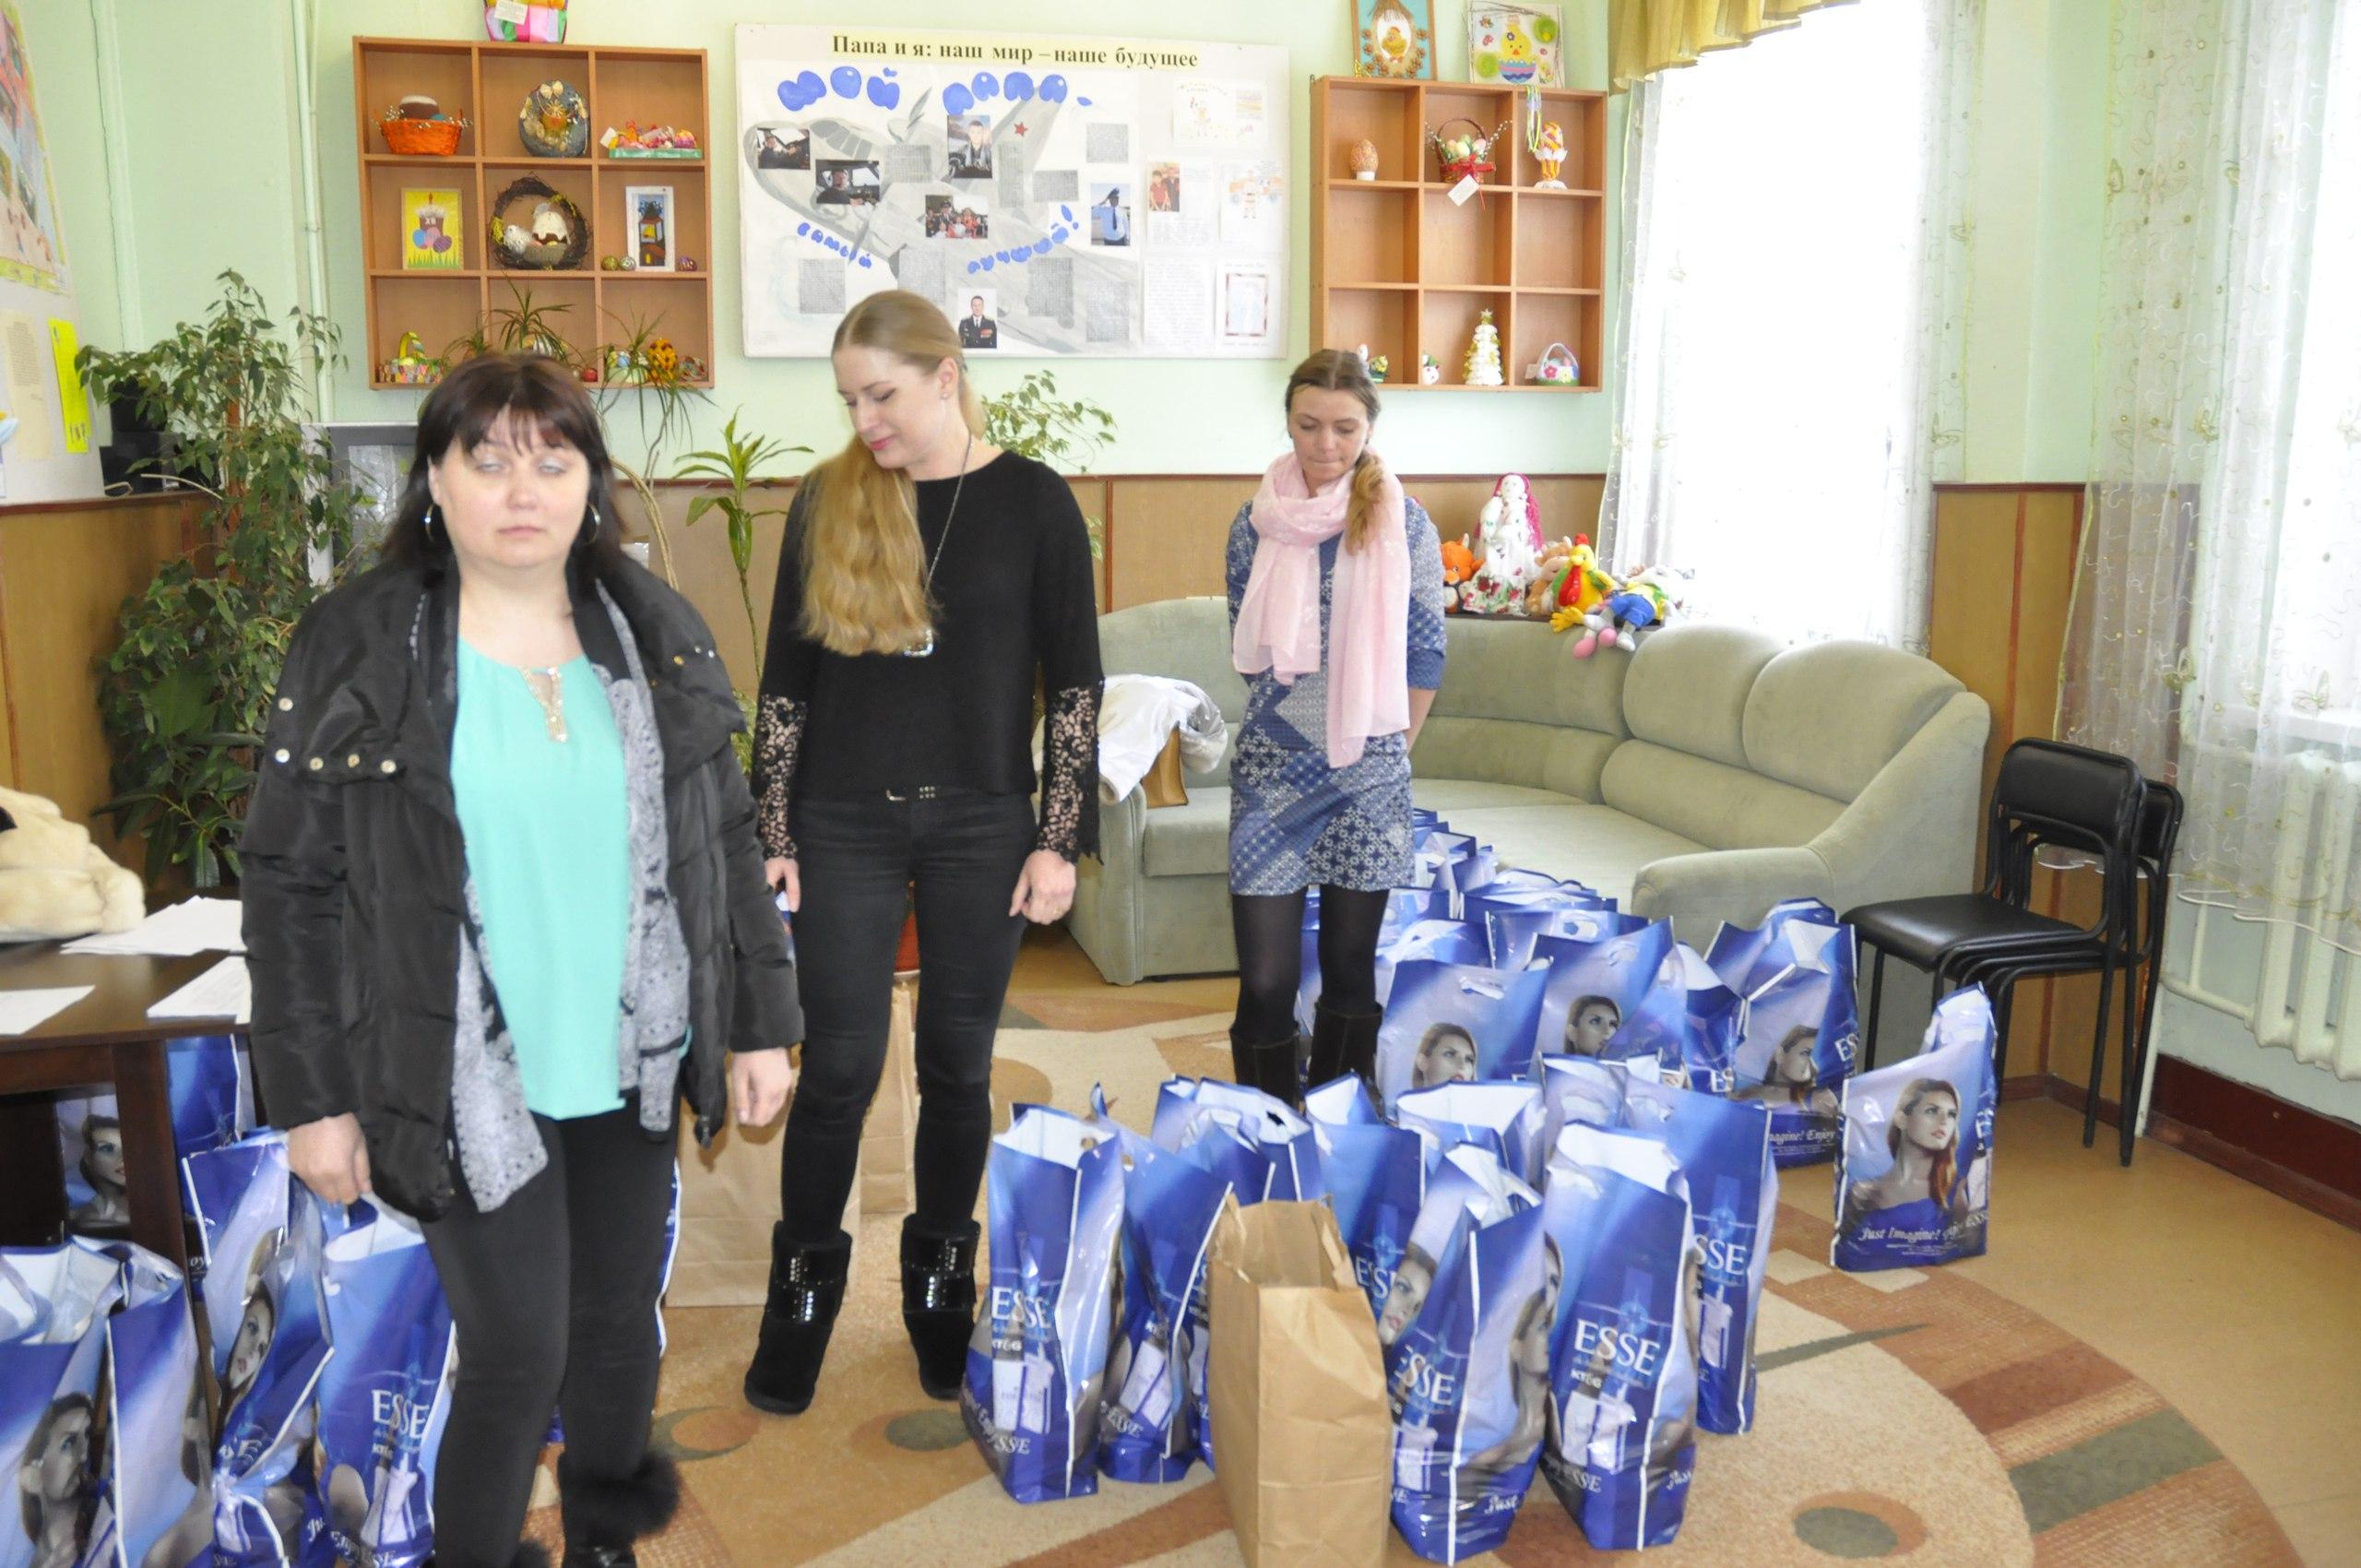 Представители южно-корейского предприятия вручили продуктовые наборы нуждающимся семьям